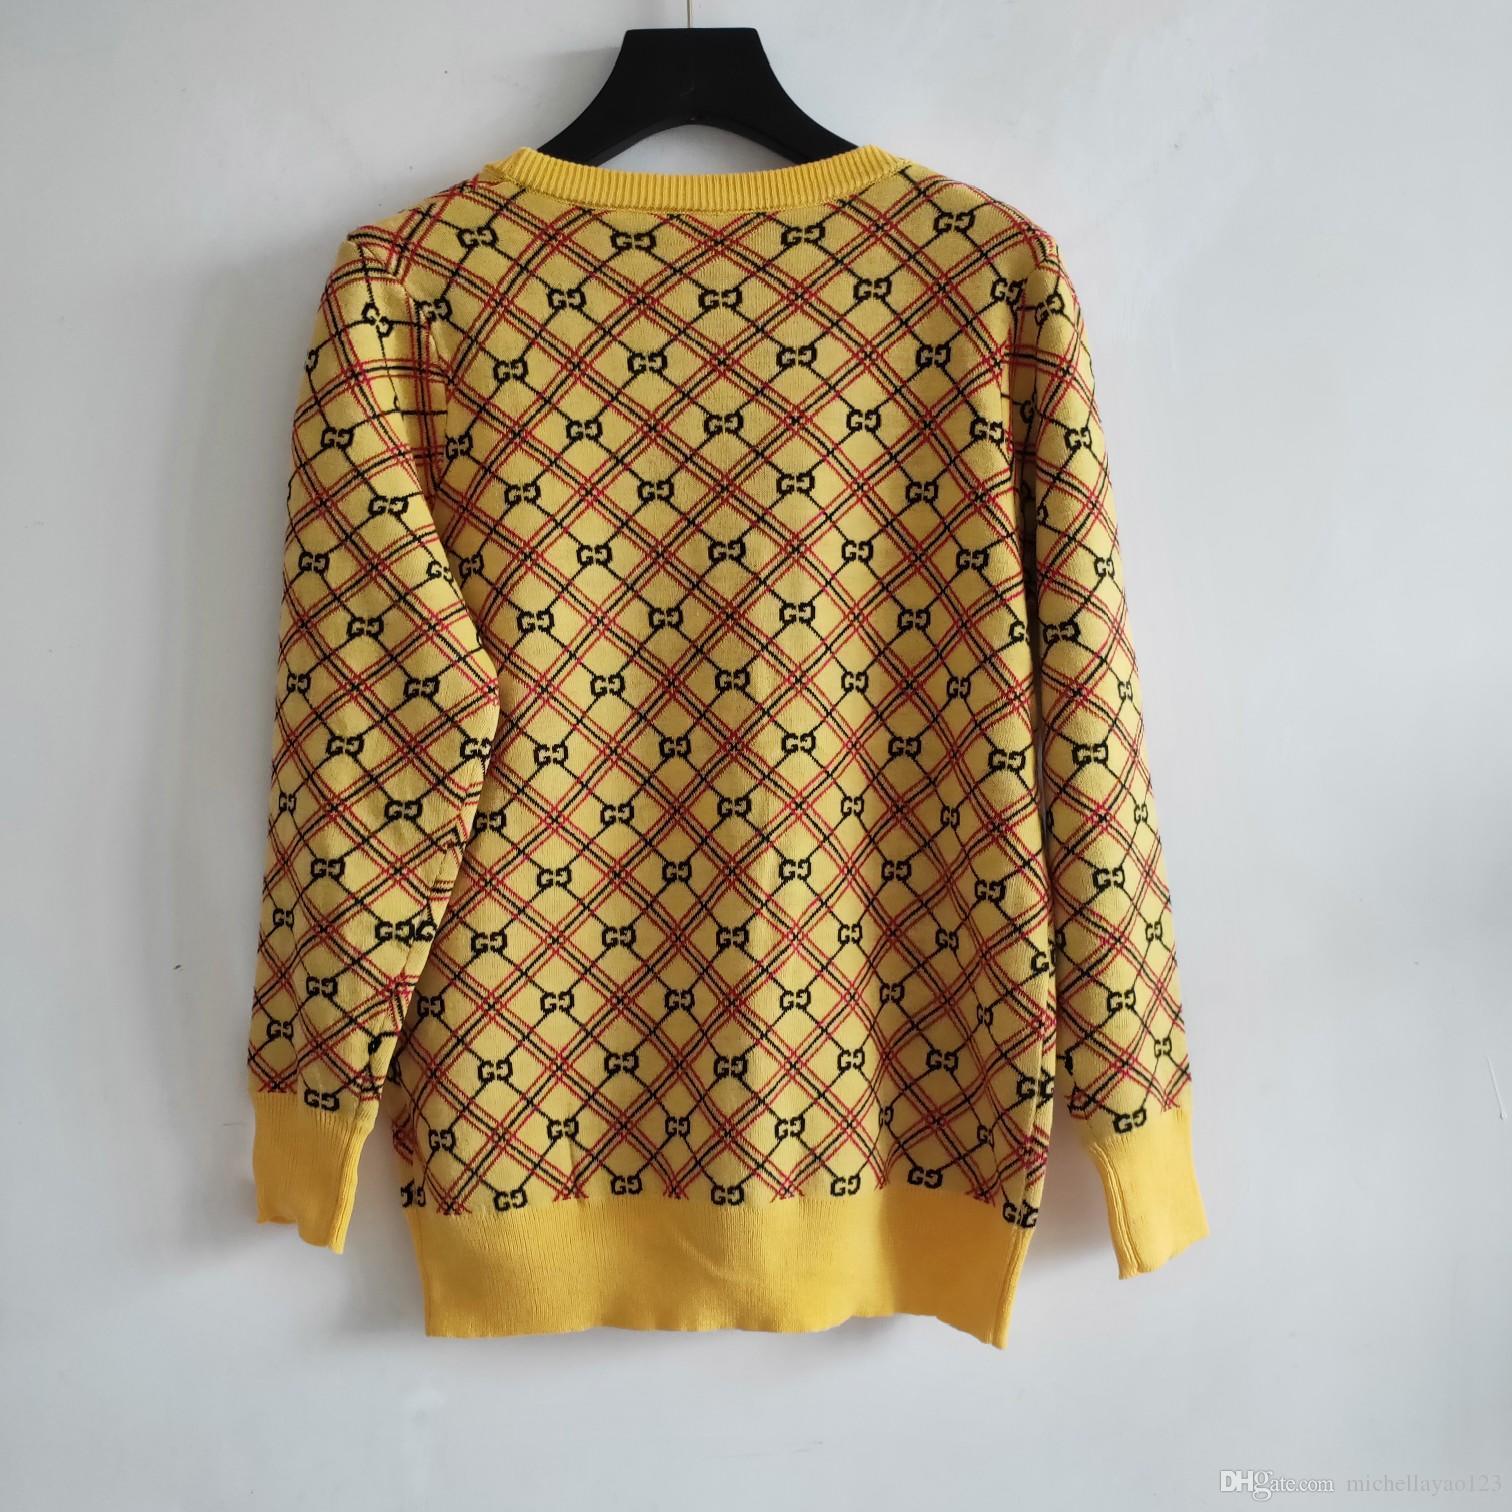 Großhandel 2019 Herbst Gelb Letter Logo Print Damen Strickjacken Designer Langarm Strick Damen Jacken Pullover 89292 Von Michellayao123, $64.33 Auf